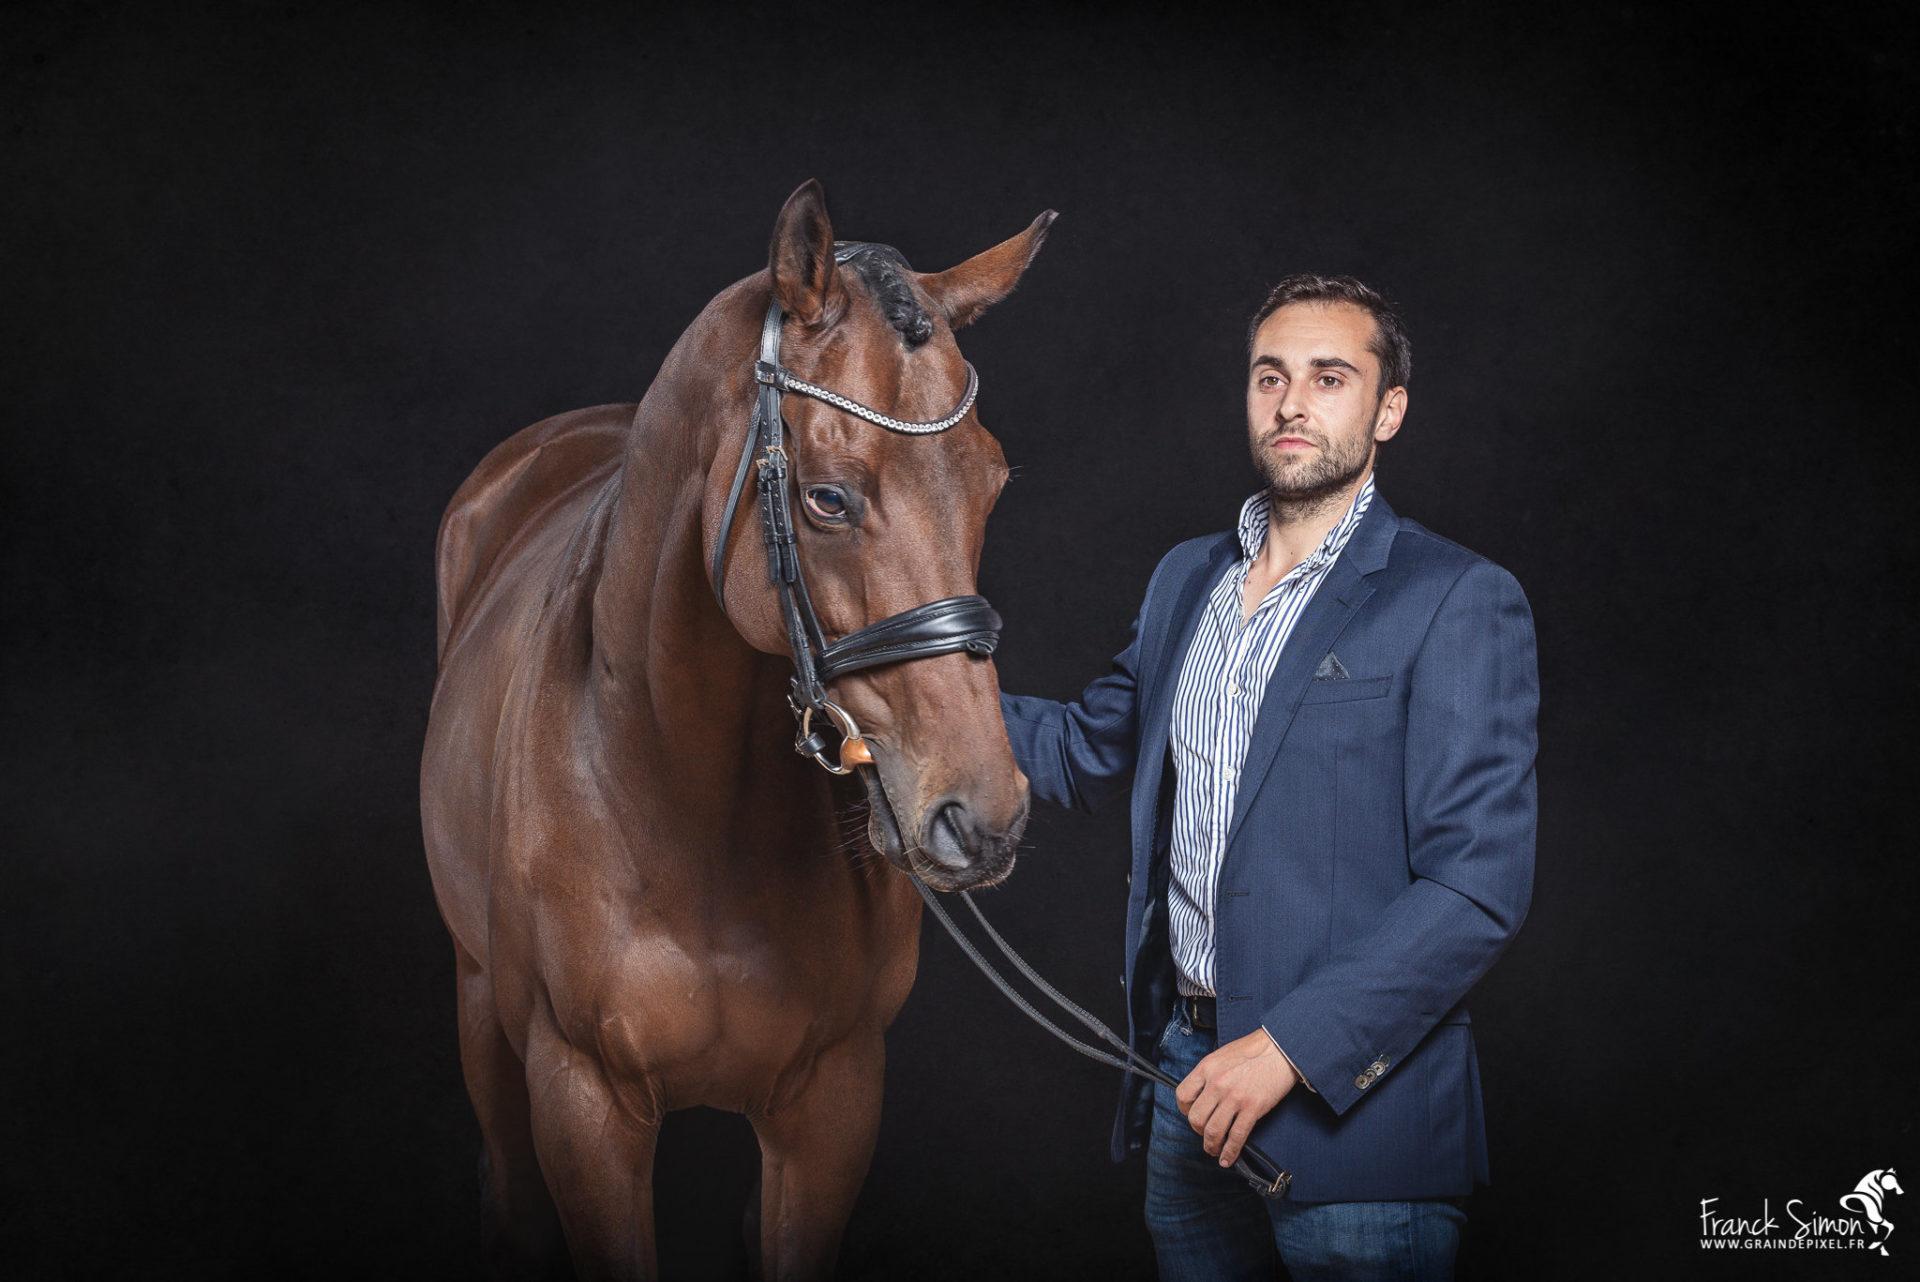 studio-equestre-gaeatn-chrysos-grain de pixel- studio equestre